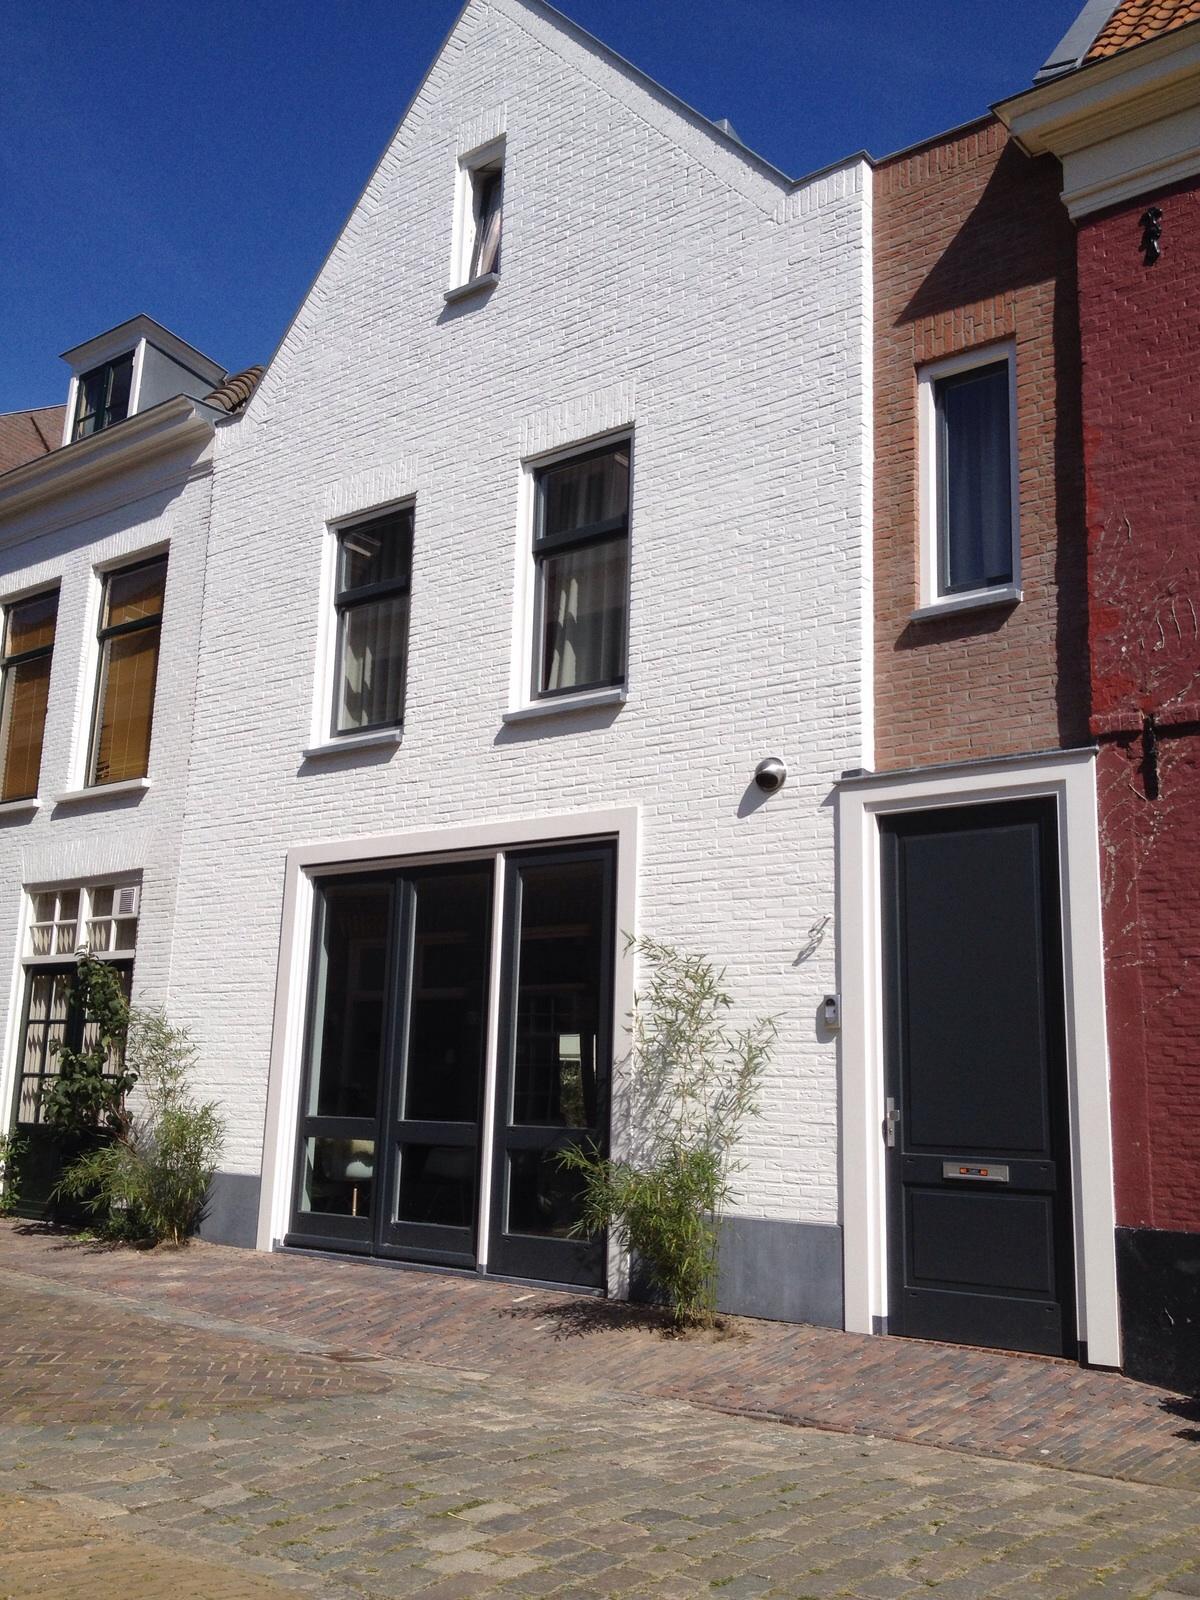 Nieuwbouw binnenstad Haarlem opgeleverd